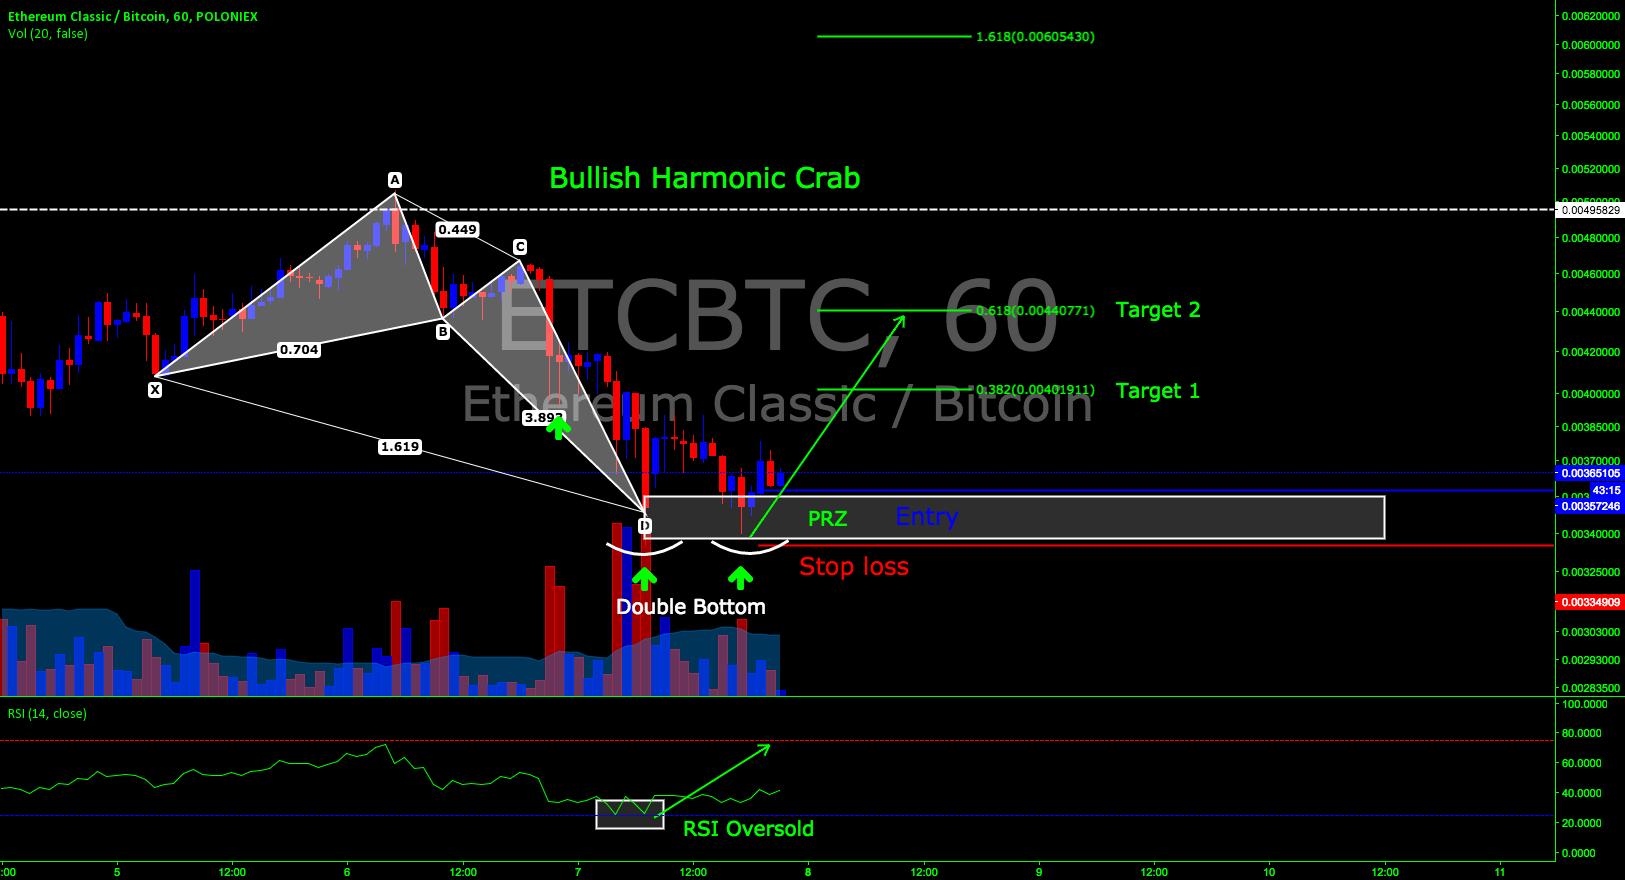 Long position on ETCBTC pair on Poloniex 60 min chart